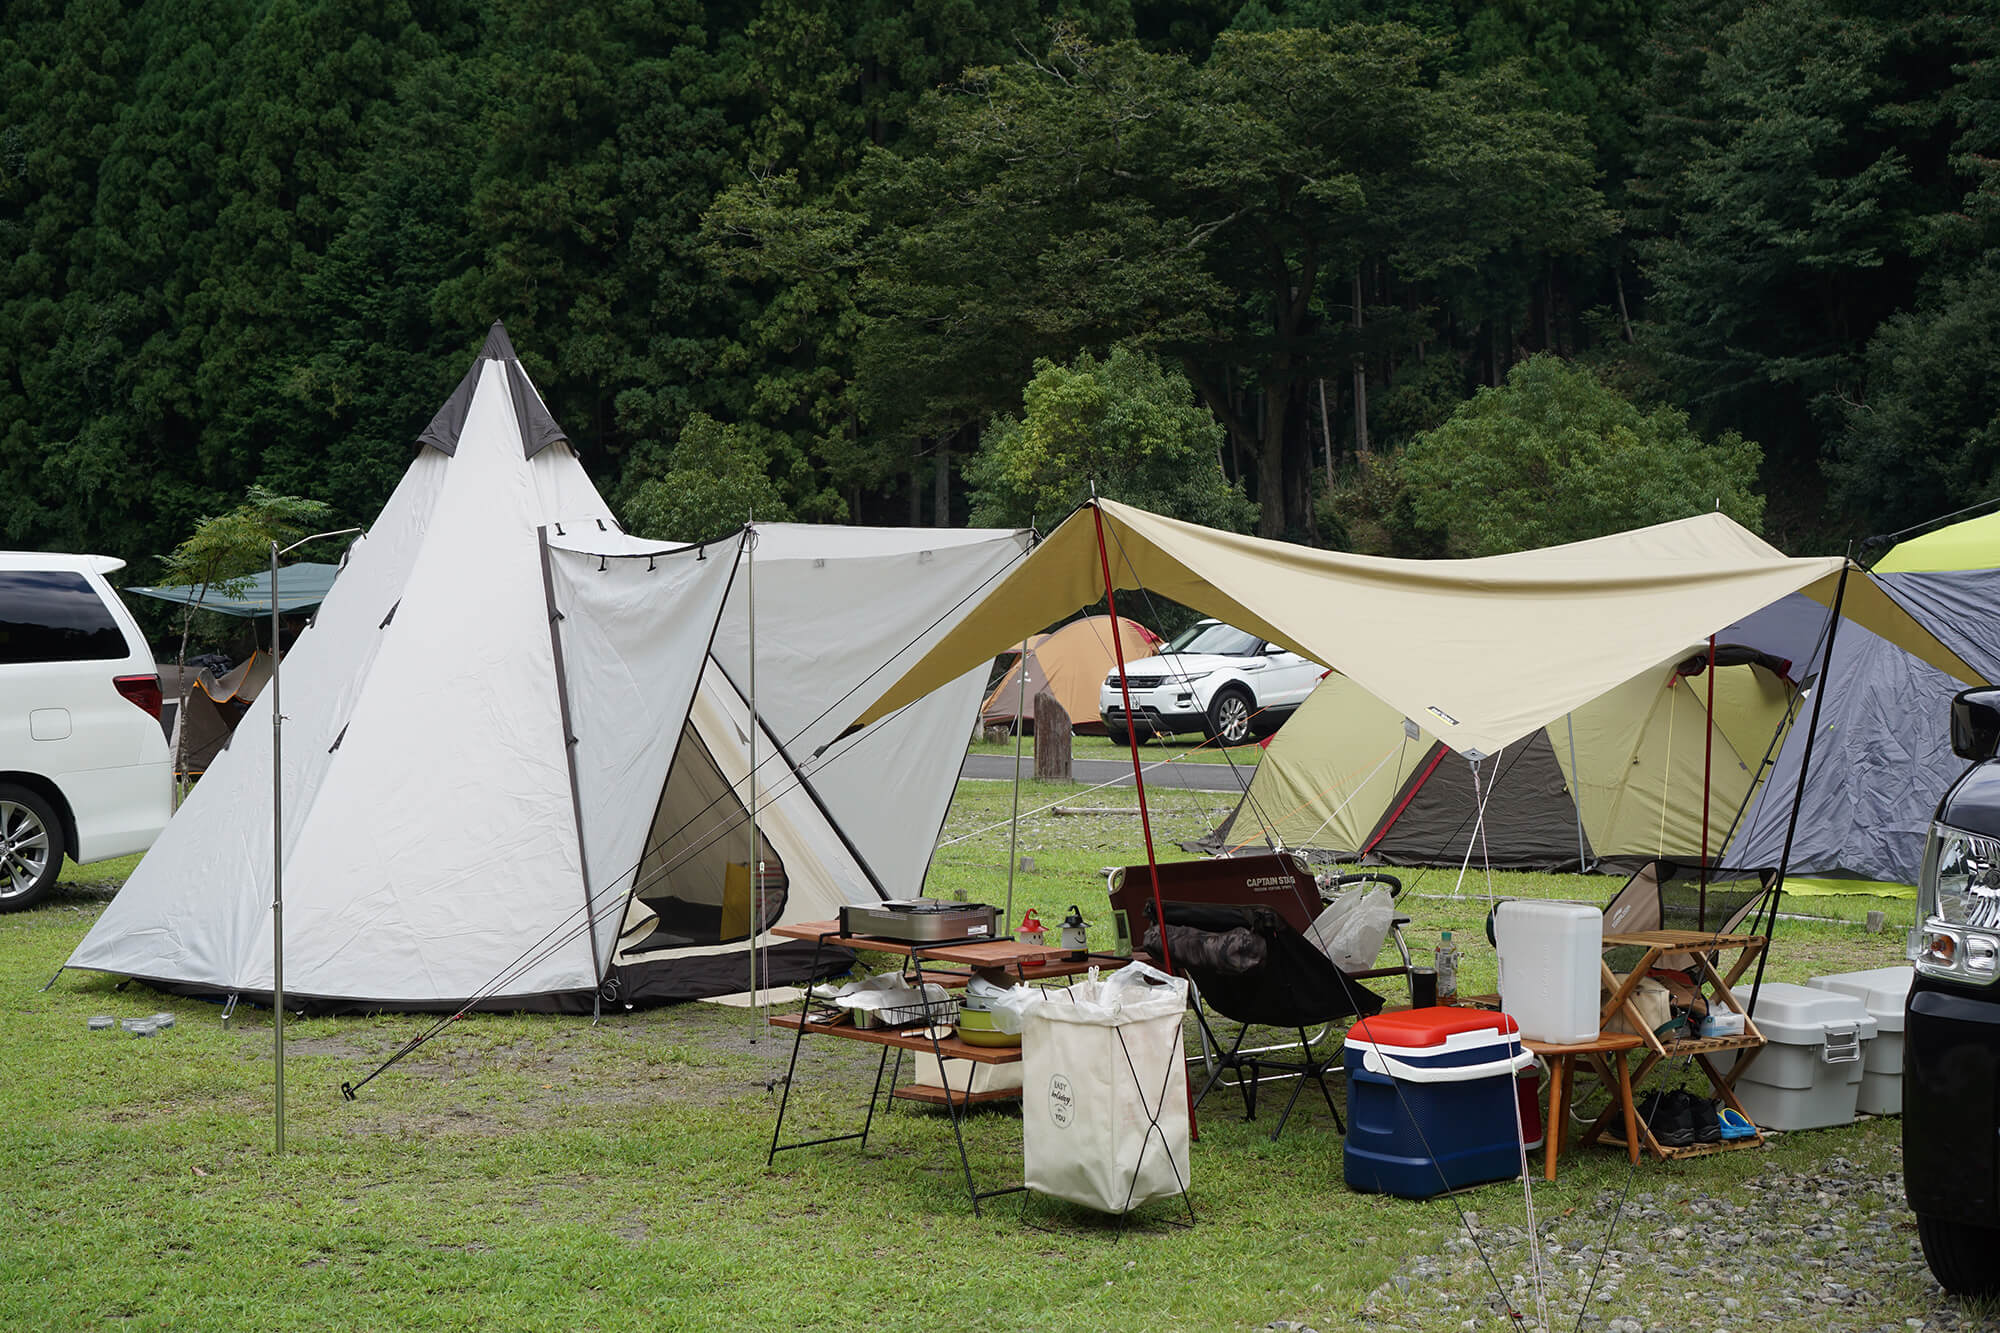 UJackのテントを使ったサイトレイアウト写真